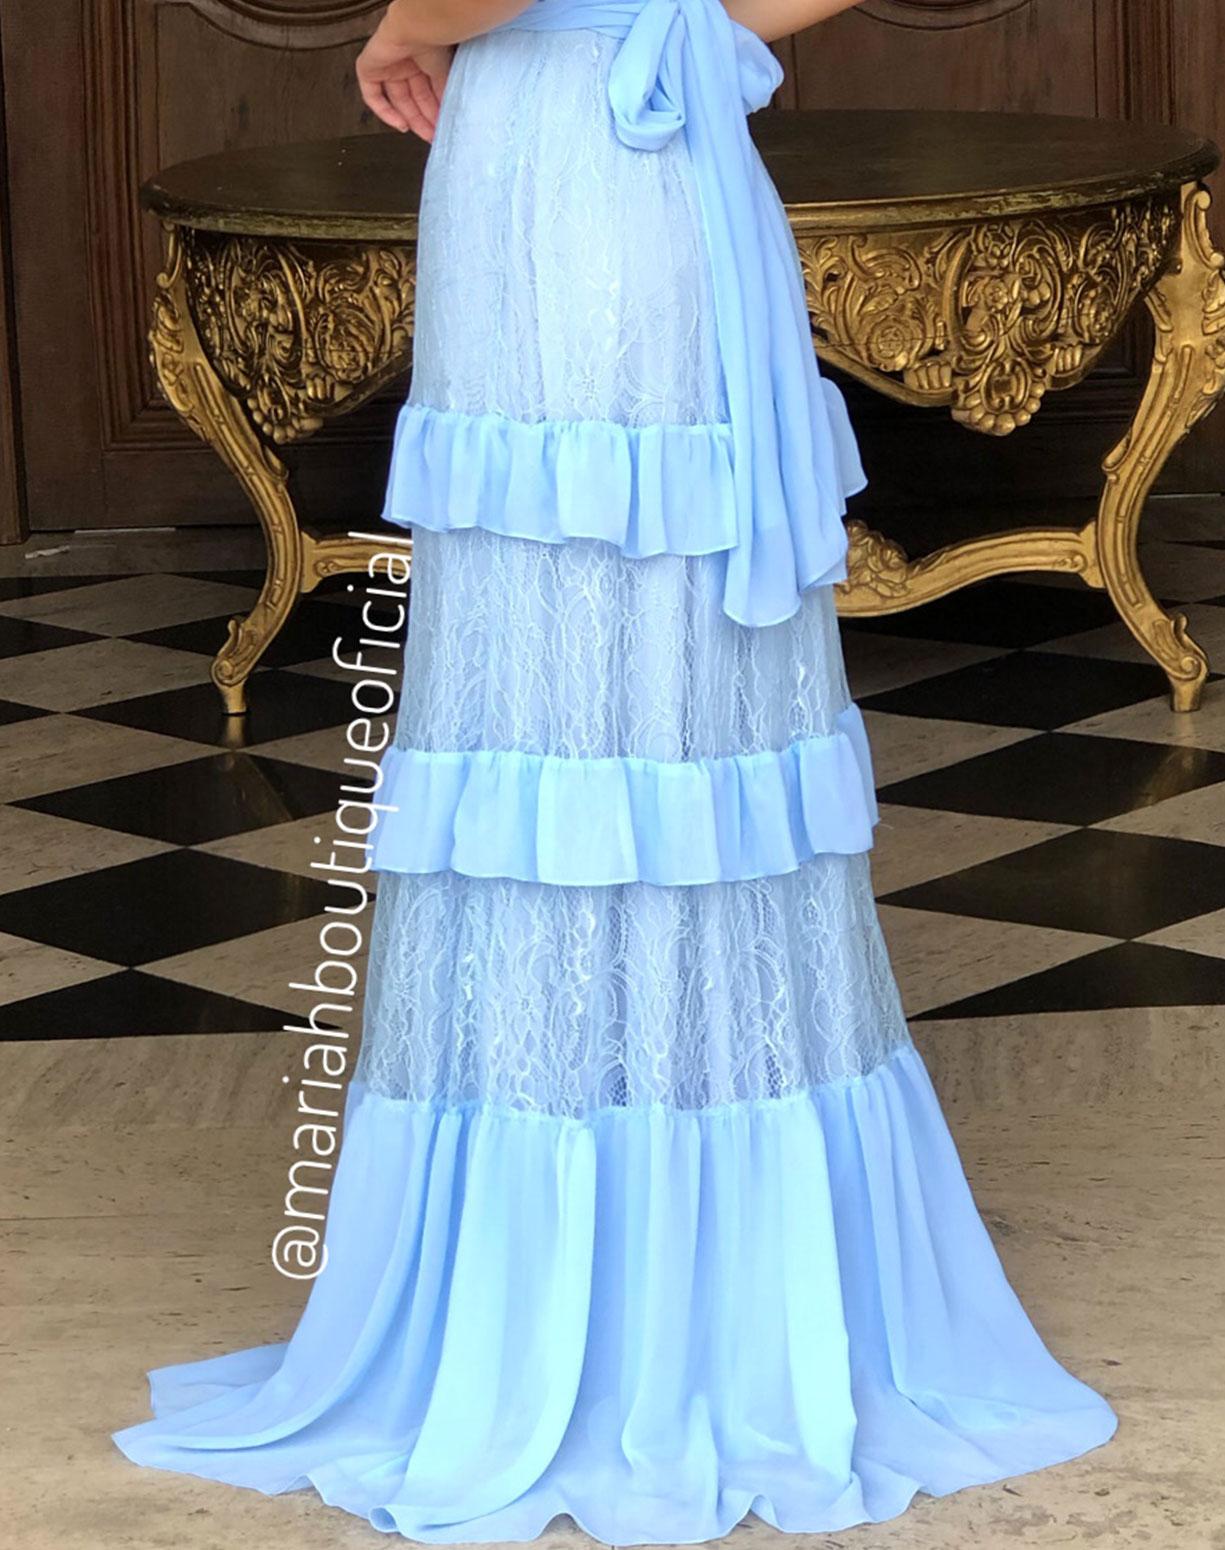 Vestido Azul Serenity com Camadas em Renda